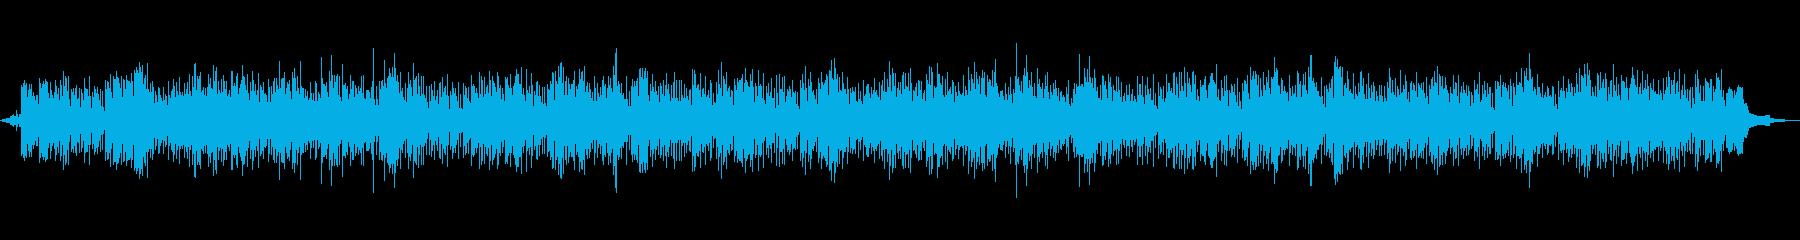 涼やかなギターとピアノのBGMの再生済みの波形